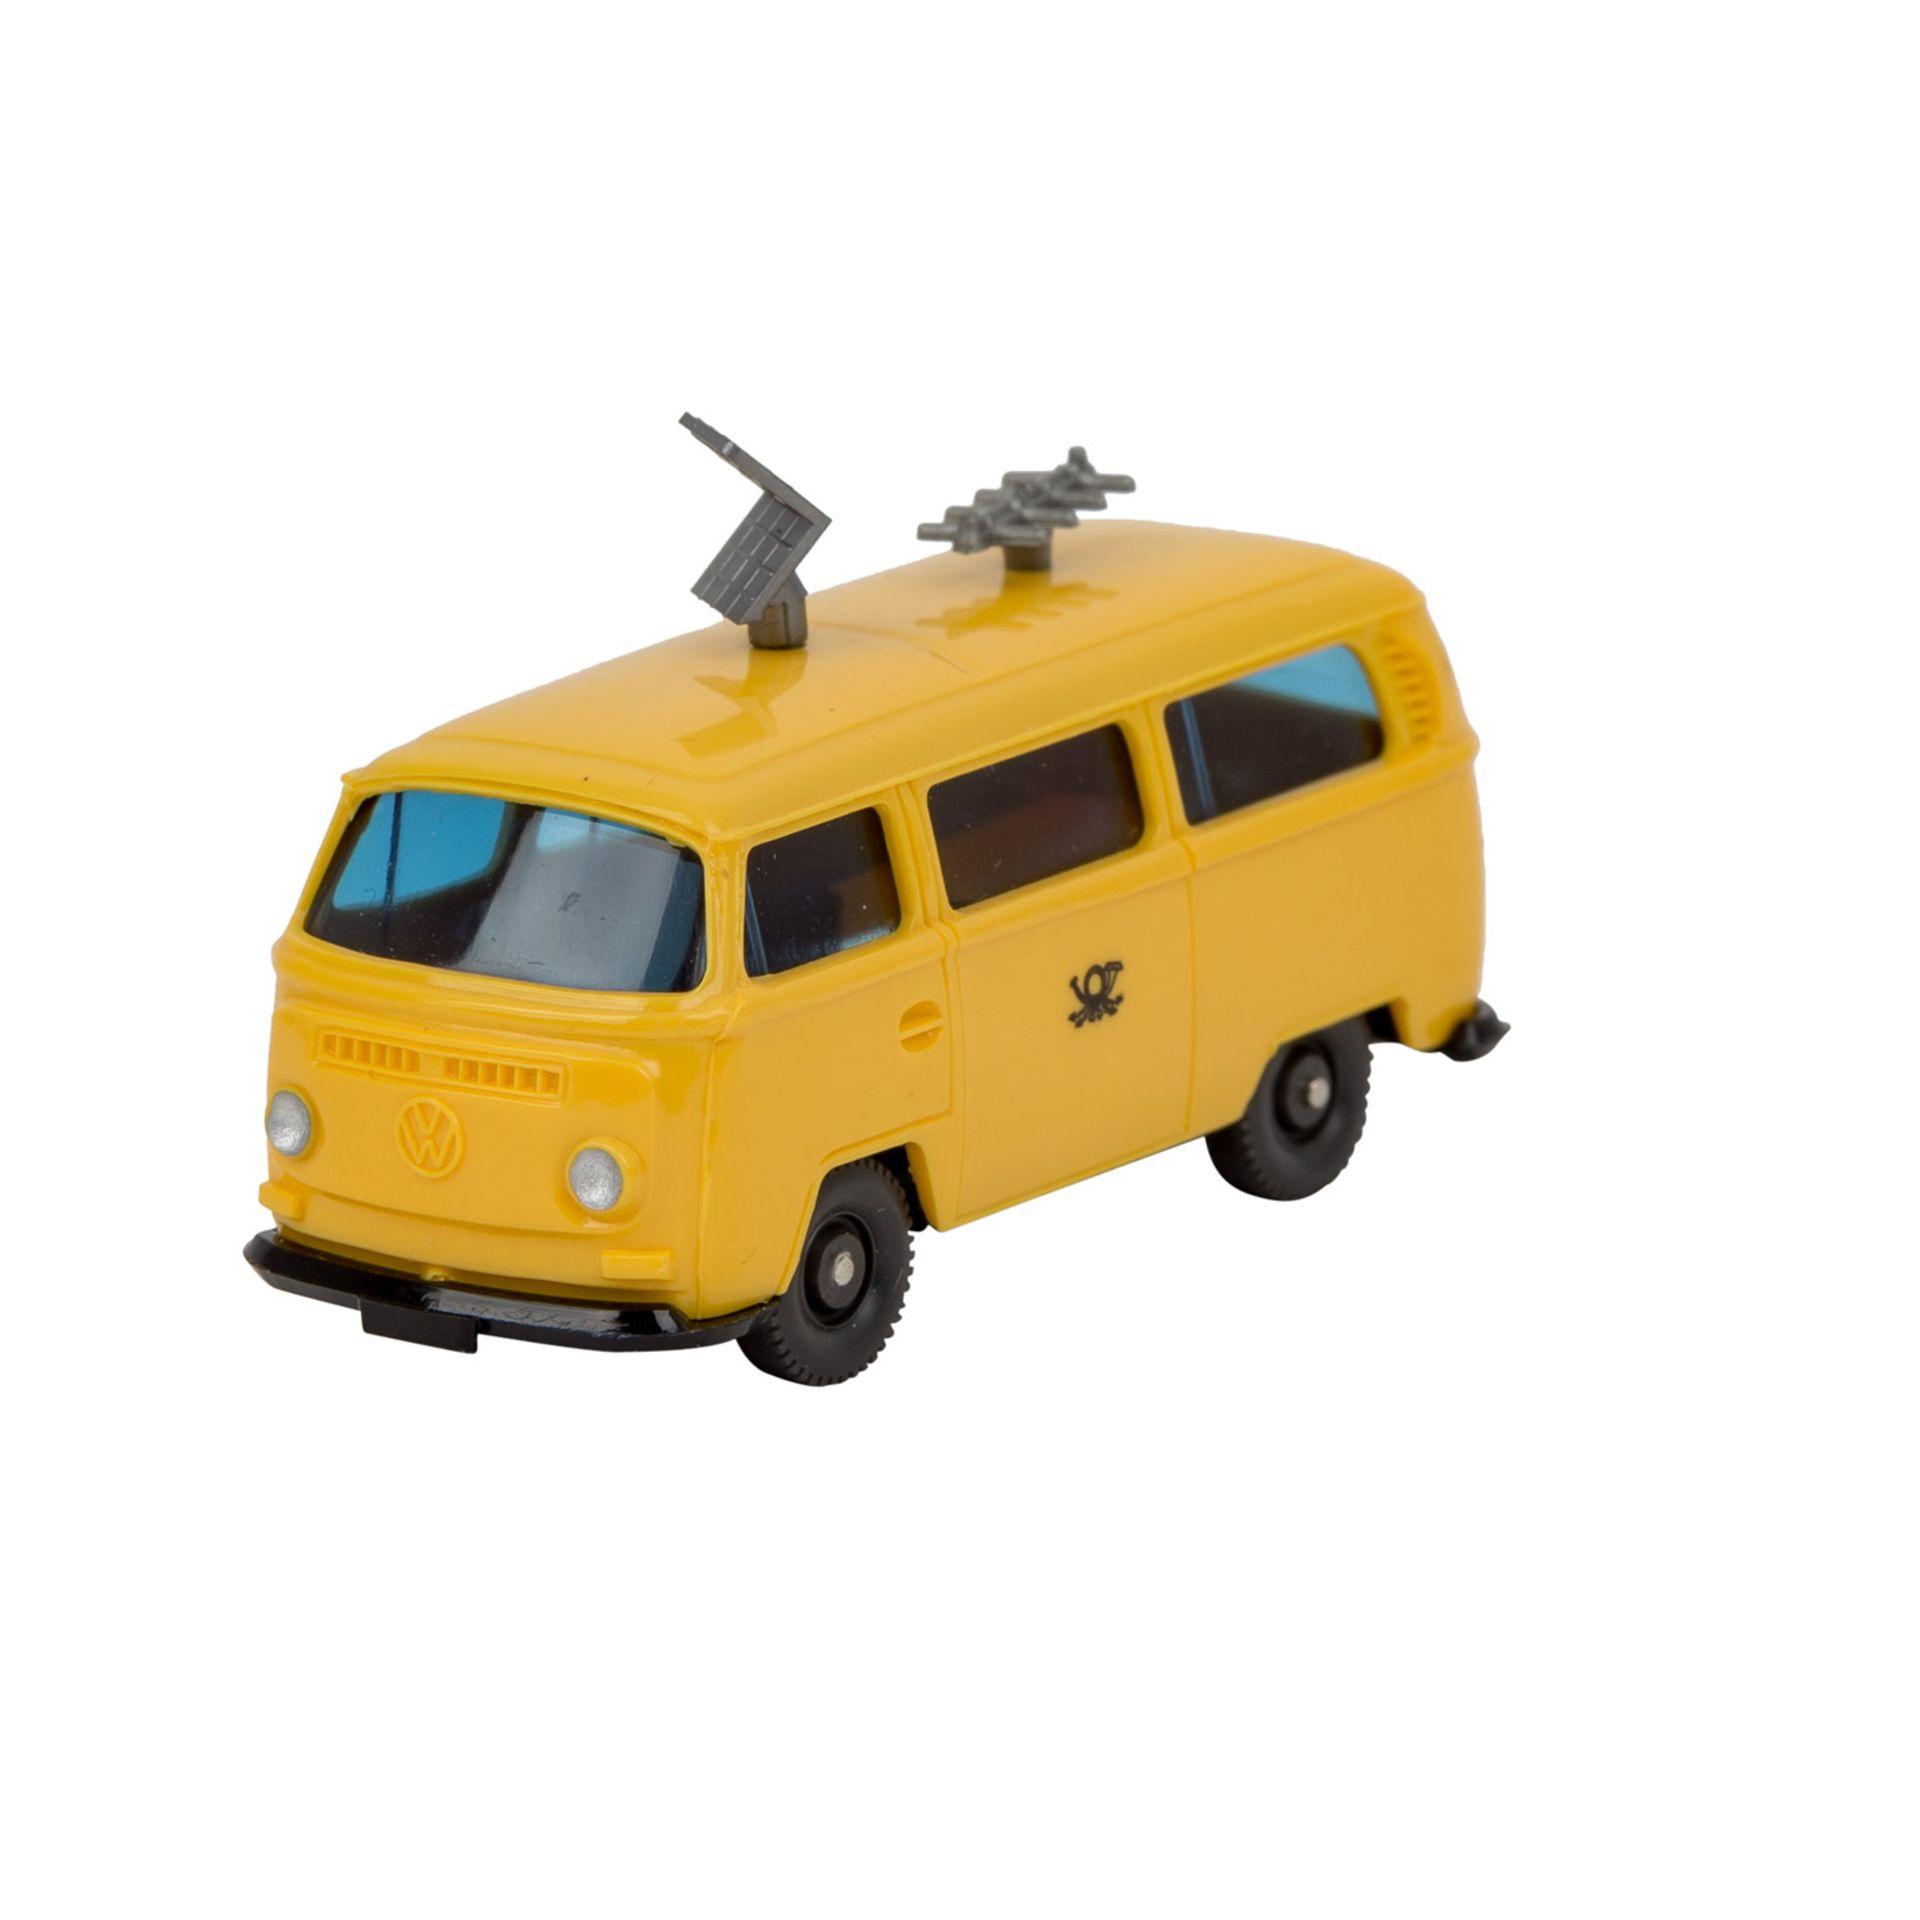 WIKING VW Bus T2 'Funkmesswagen', 1972-77,gelbe Karosserie, blaugetönte Verglasung, s